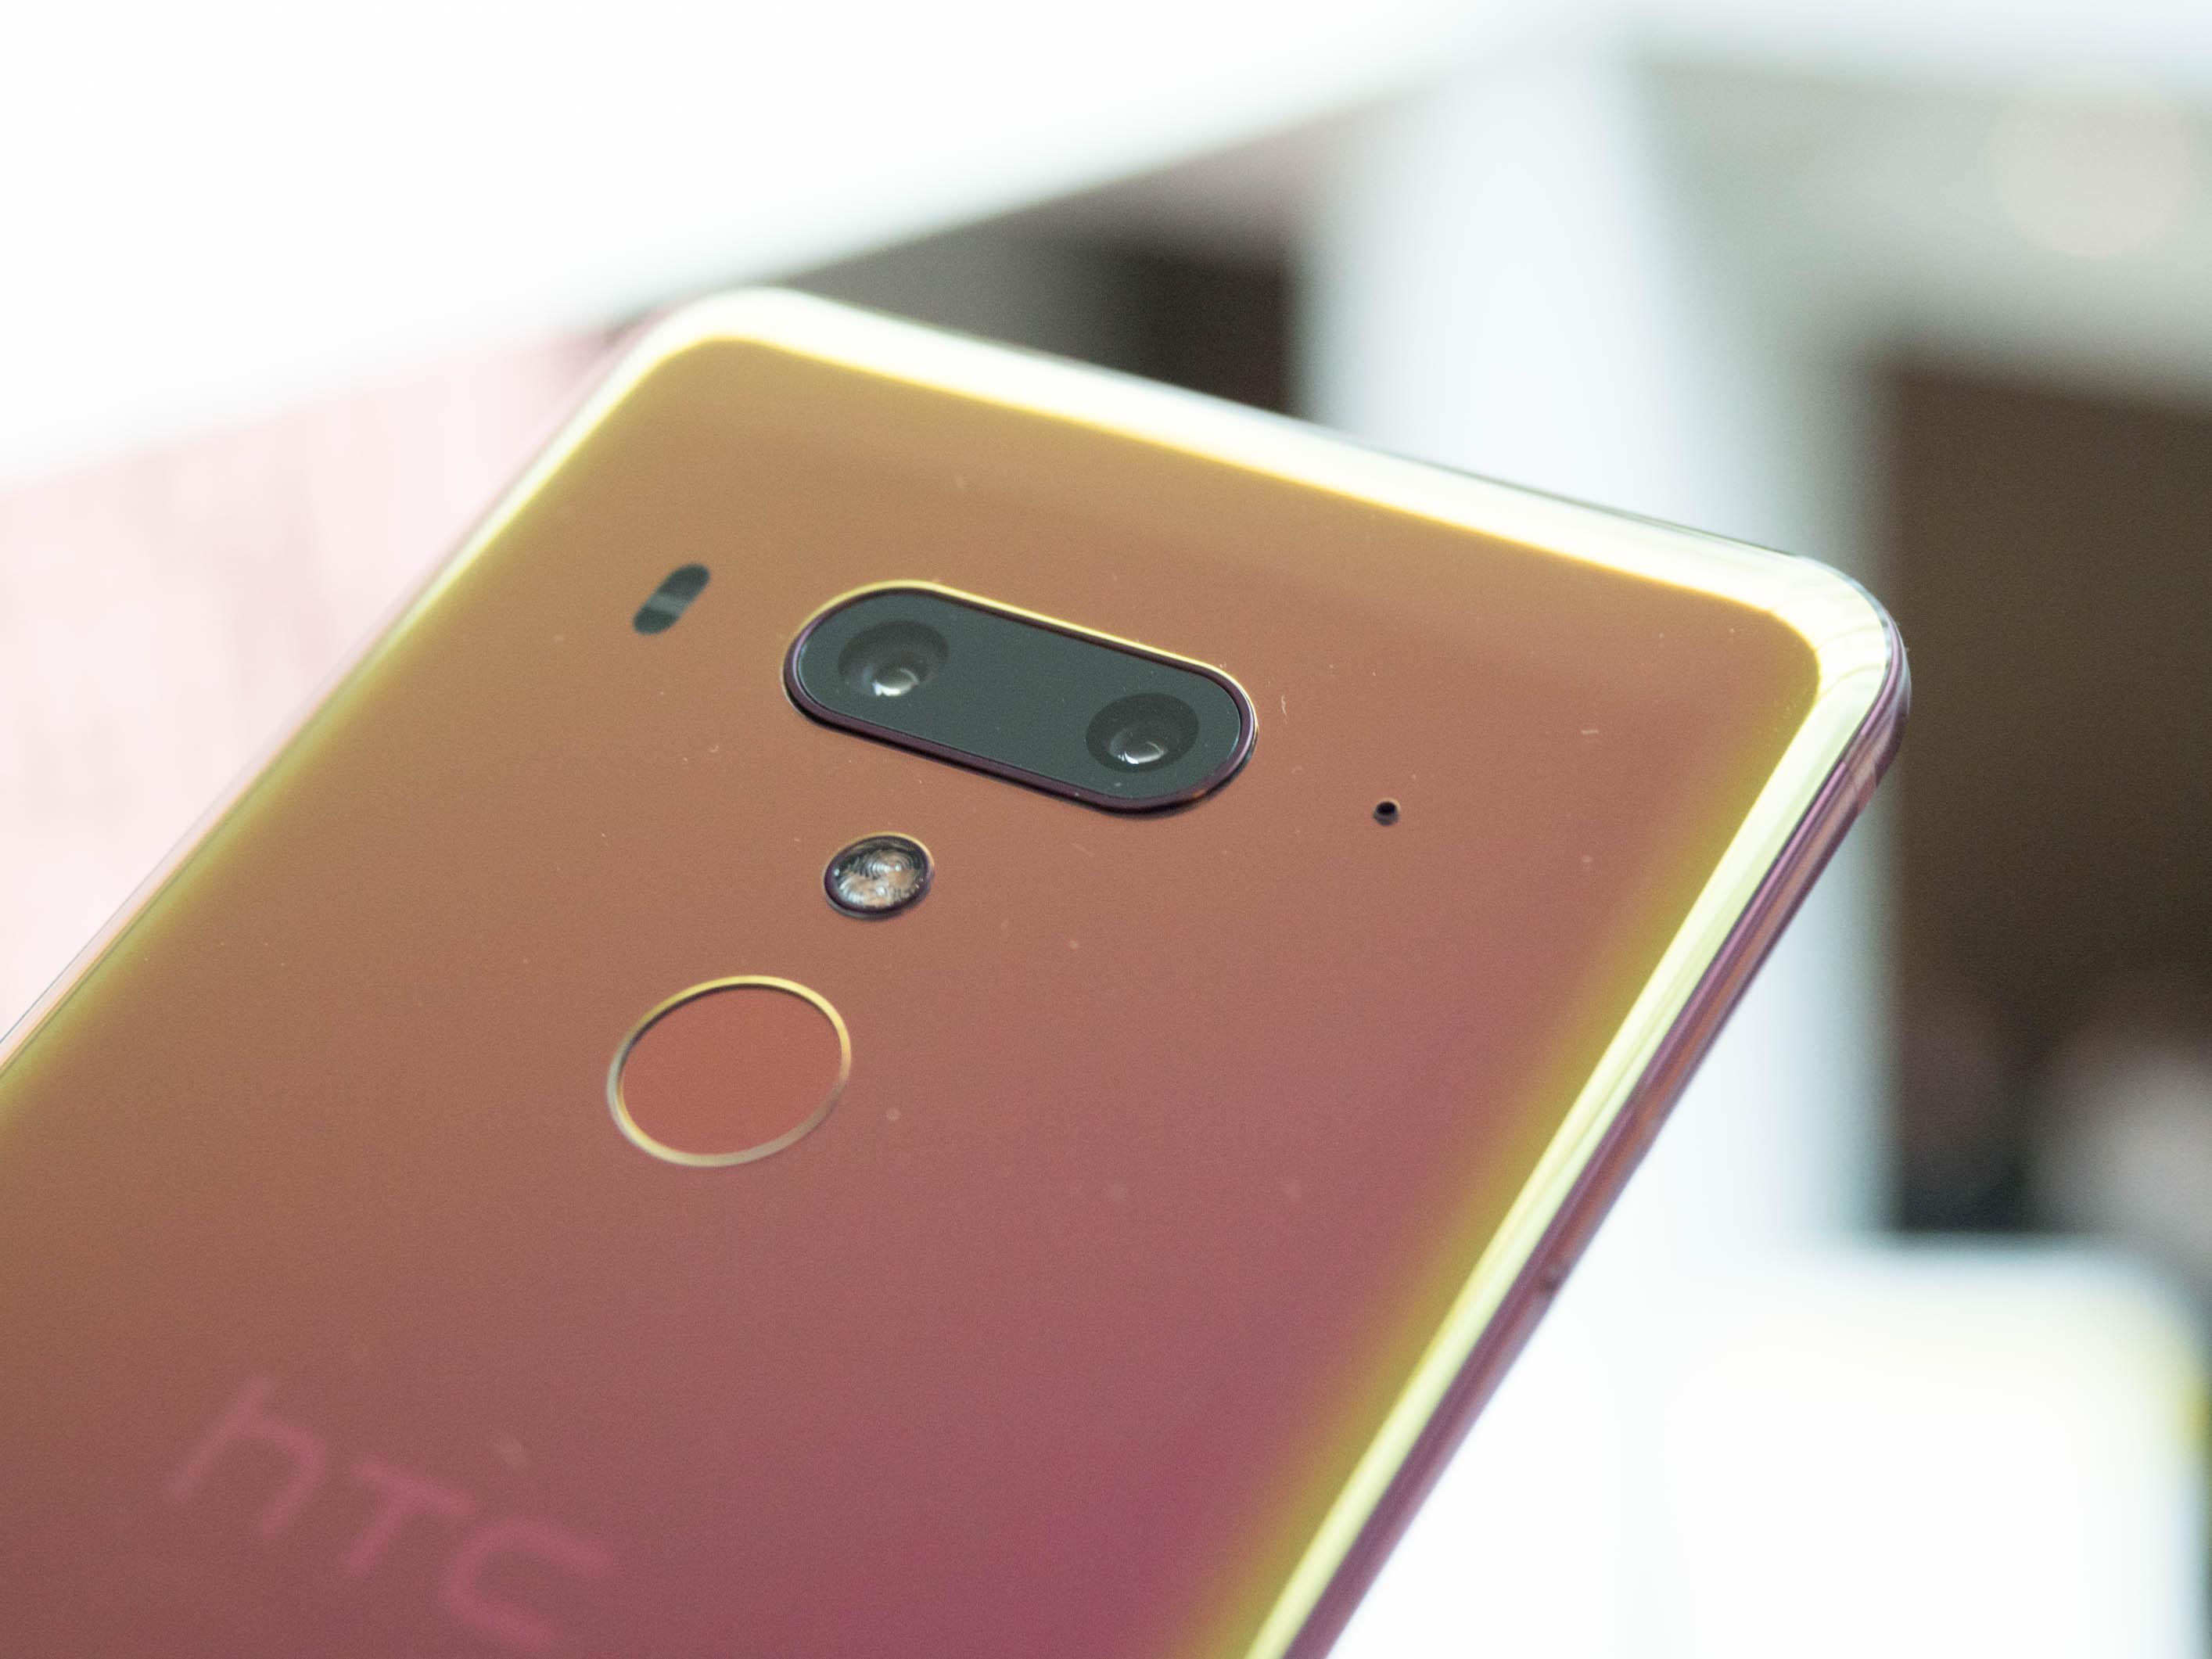 U12+ im Hands On: HTC setzt auf drückbaren Rand und Dualkameras - Unter der Dualkamera befindet sich ein Fingerabdrucksensor. (Bild: Martin Wolf/Golem.de)